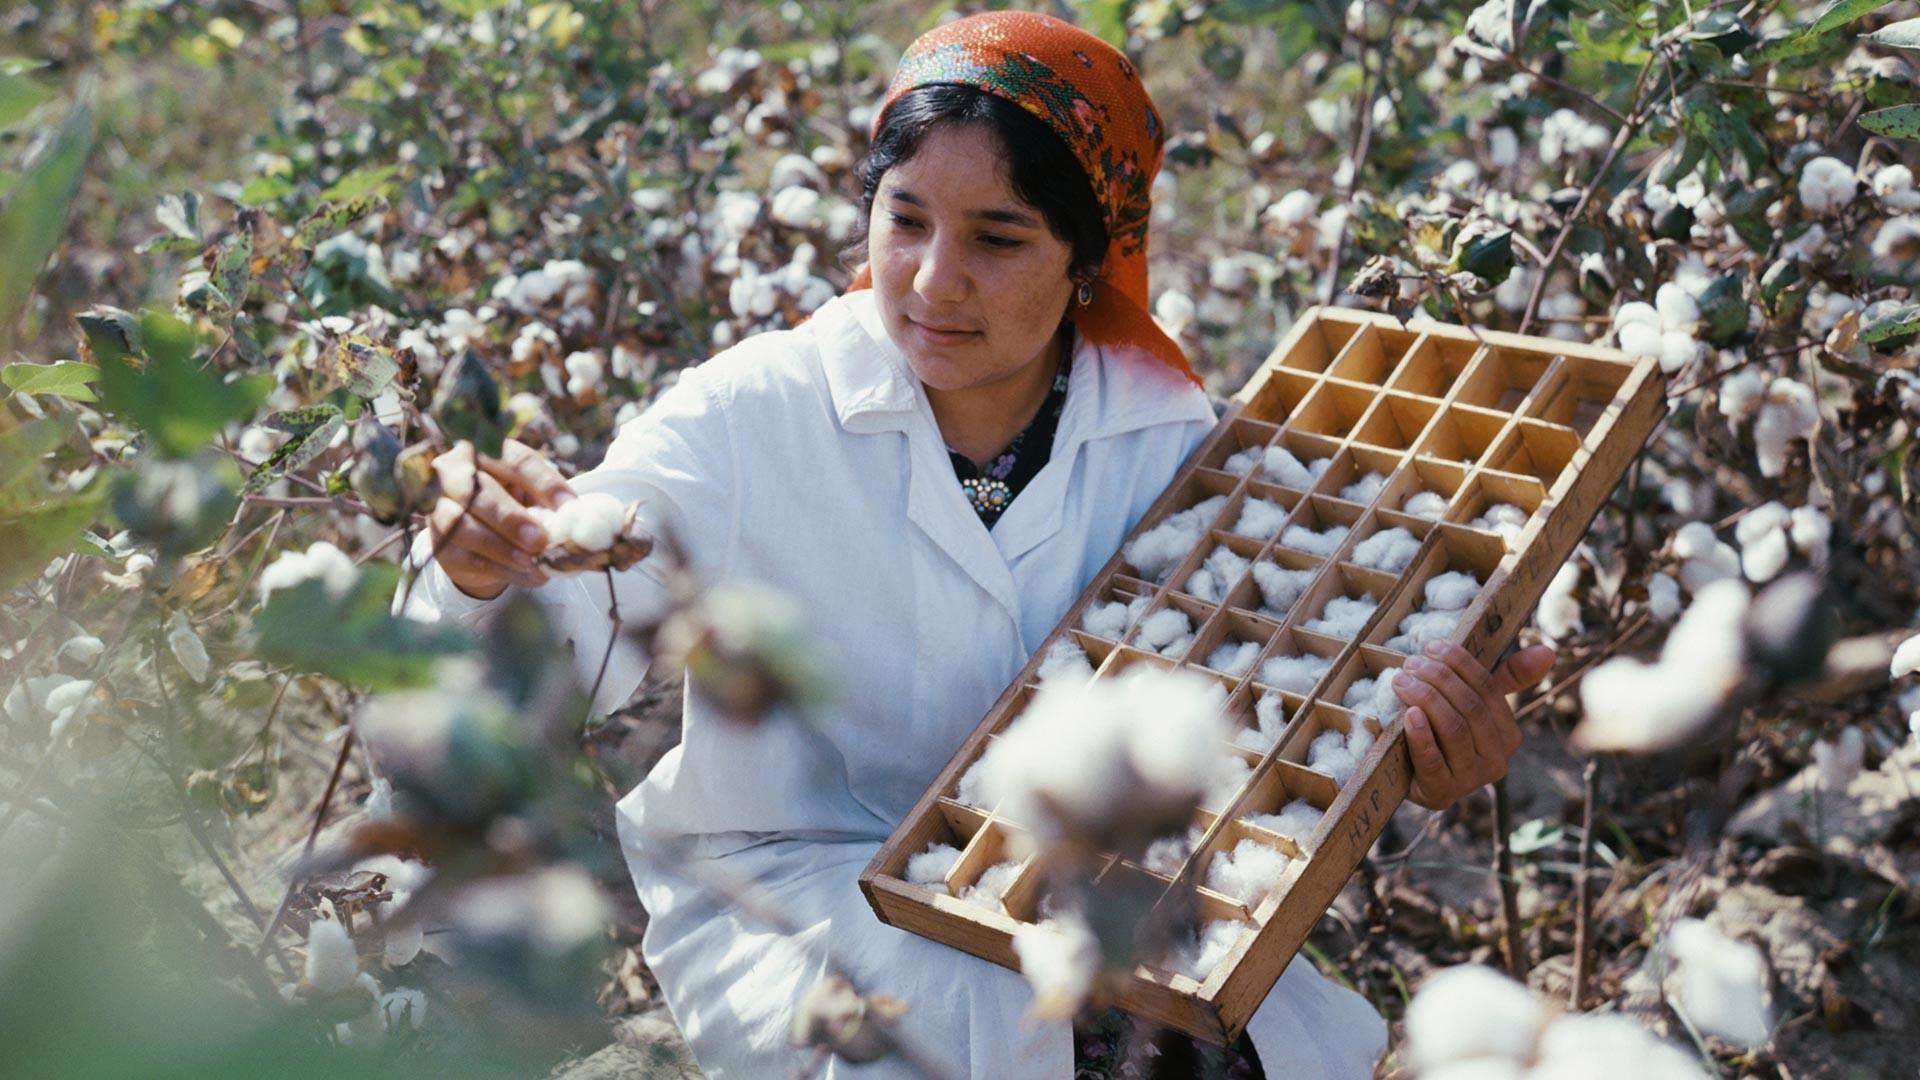 Nourdjemal Chanazarova, laborantine du département de sélection du coton et des matières premières. République soviétique du Tadjikistan.